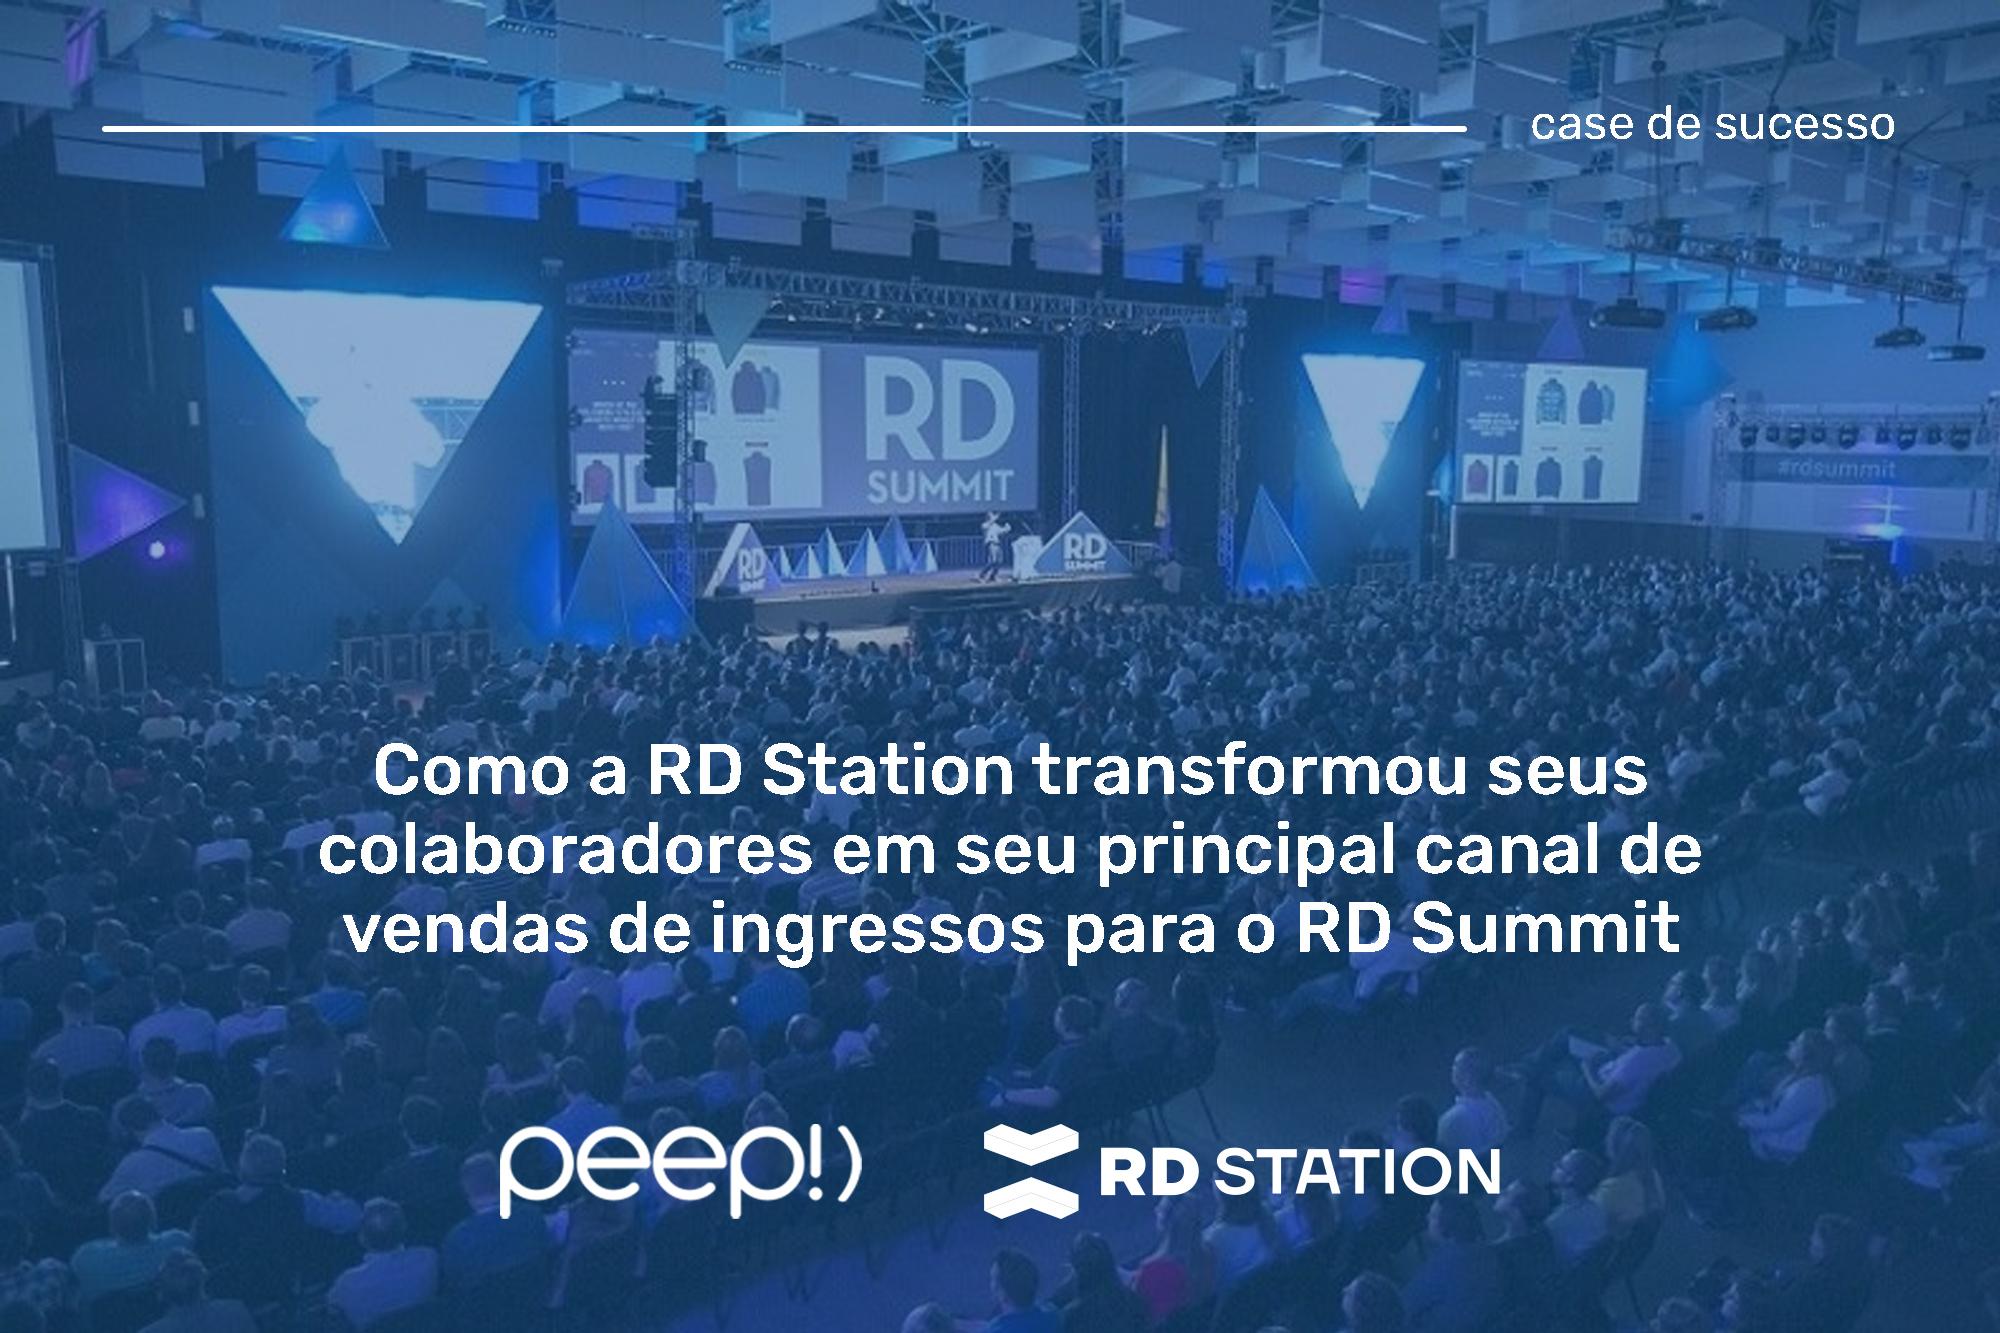 RD Station transformou colaboradores em seu principal canal de vendas de ingressos